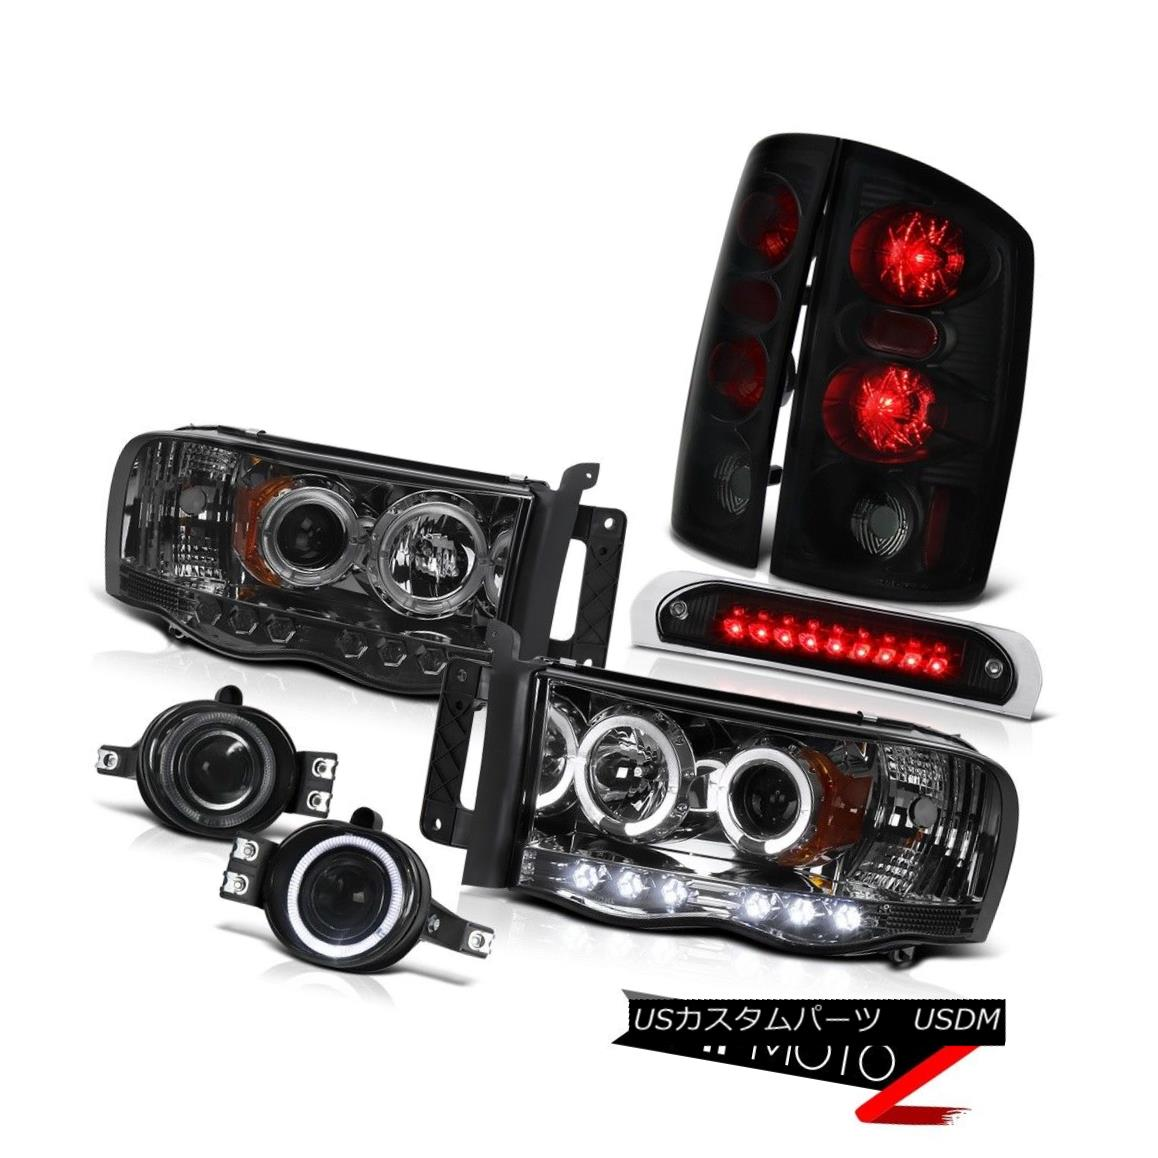 テールライト Smoke Headlights Sinister Black Tail Lights Fog Third Brake LED 02-05 Ram 1500 スモークヘッドライト不快な黒いテールライトフォグ第3ブレーキLED 02-05 Ram 1500